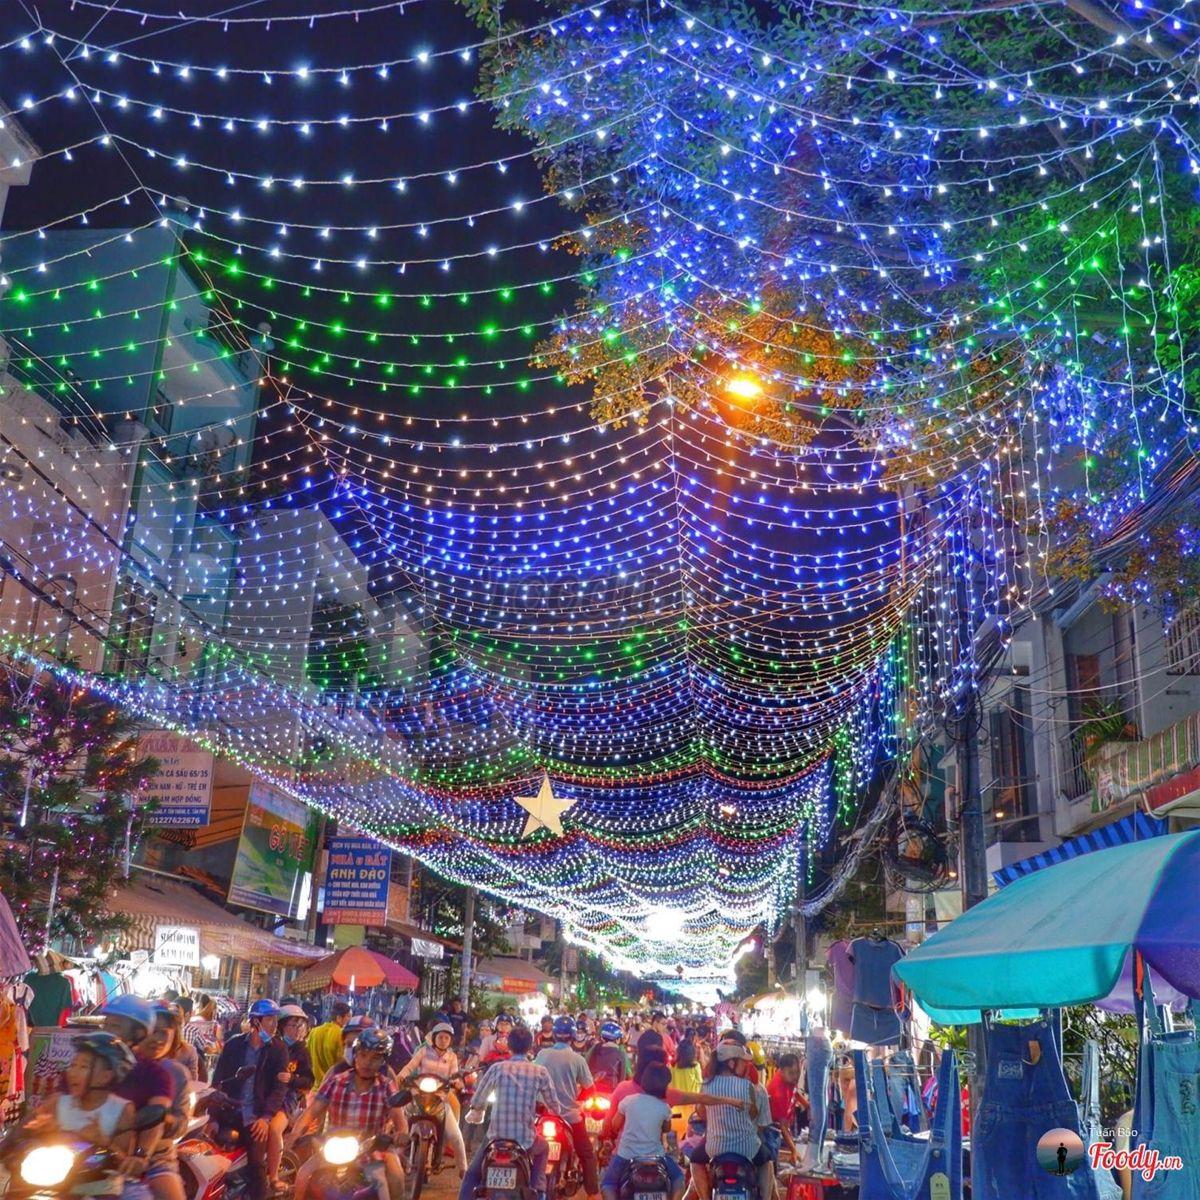 Lên hình Noel đẹp như châu Âu tại khu xóm đạo hot nhất Sài Gòn